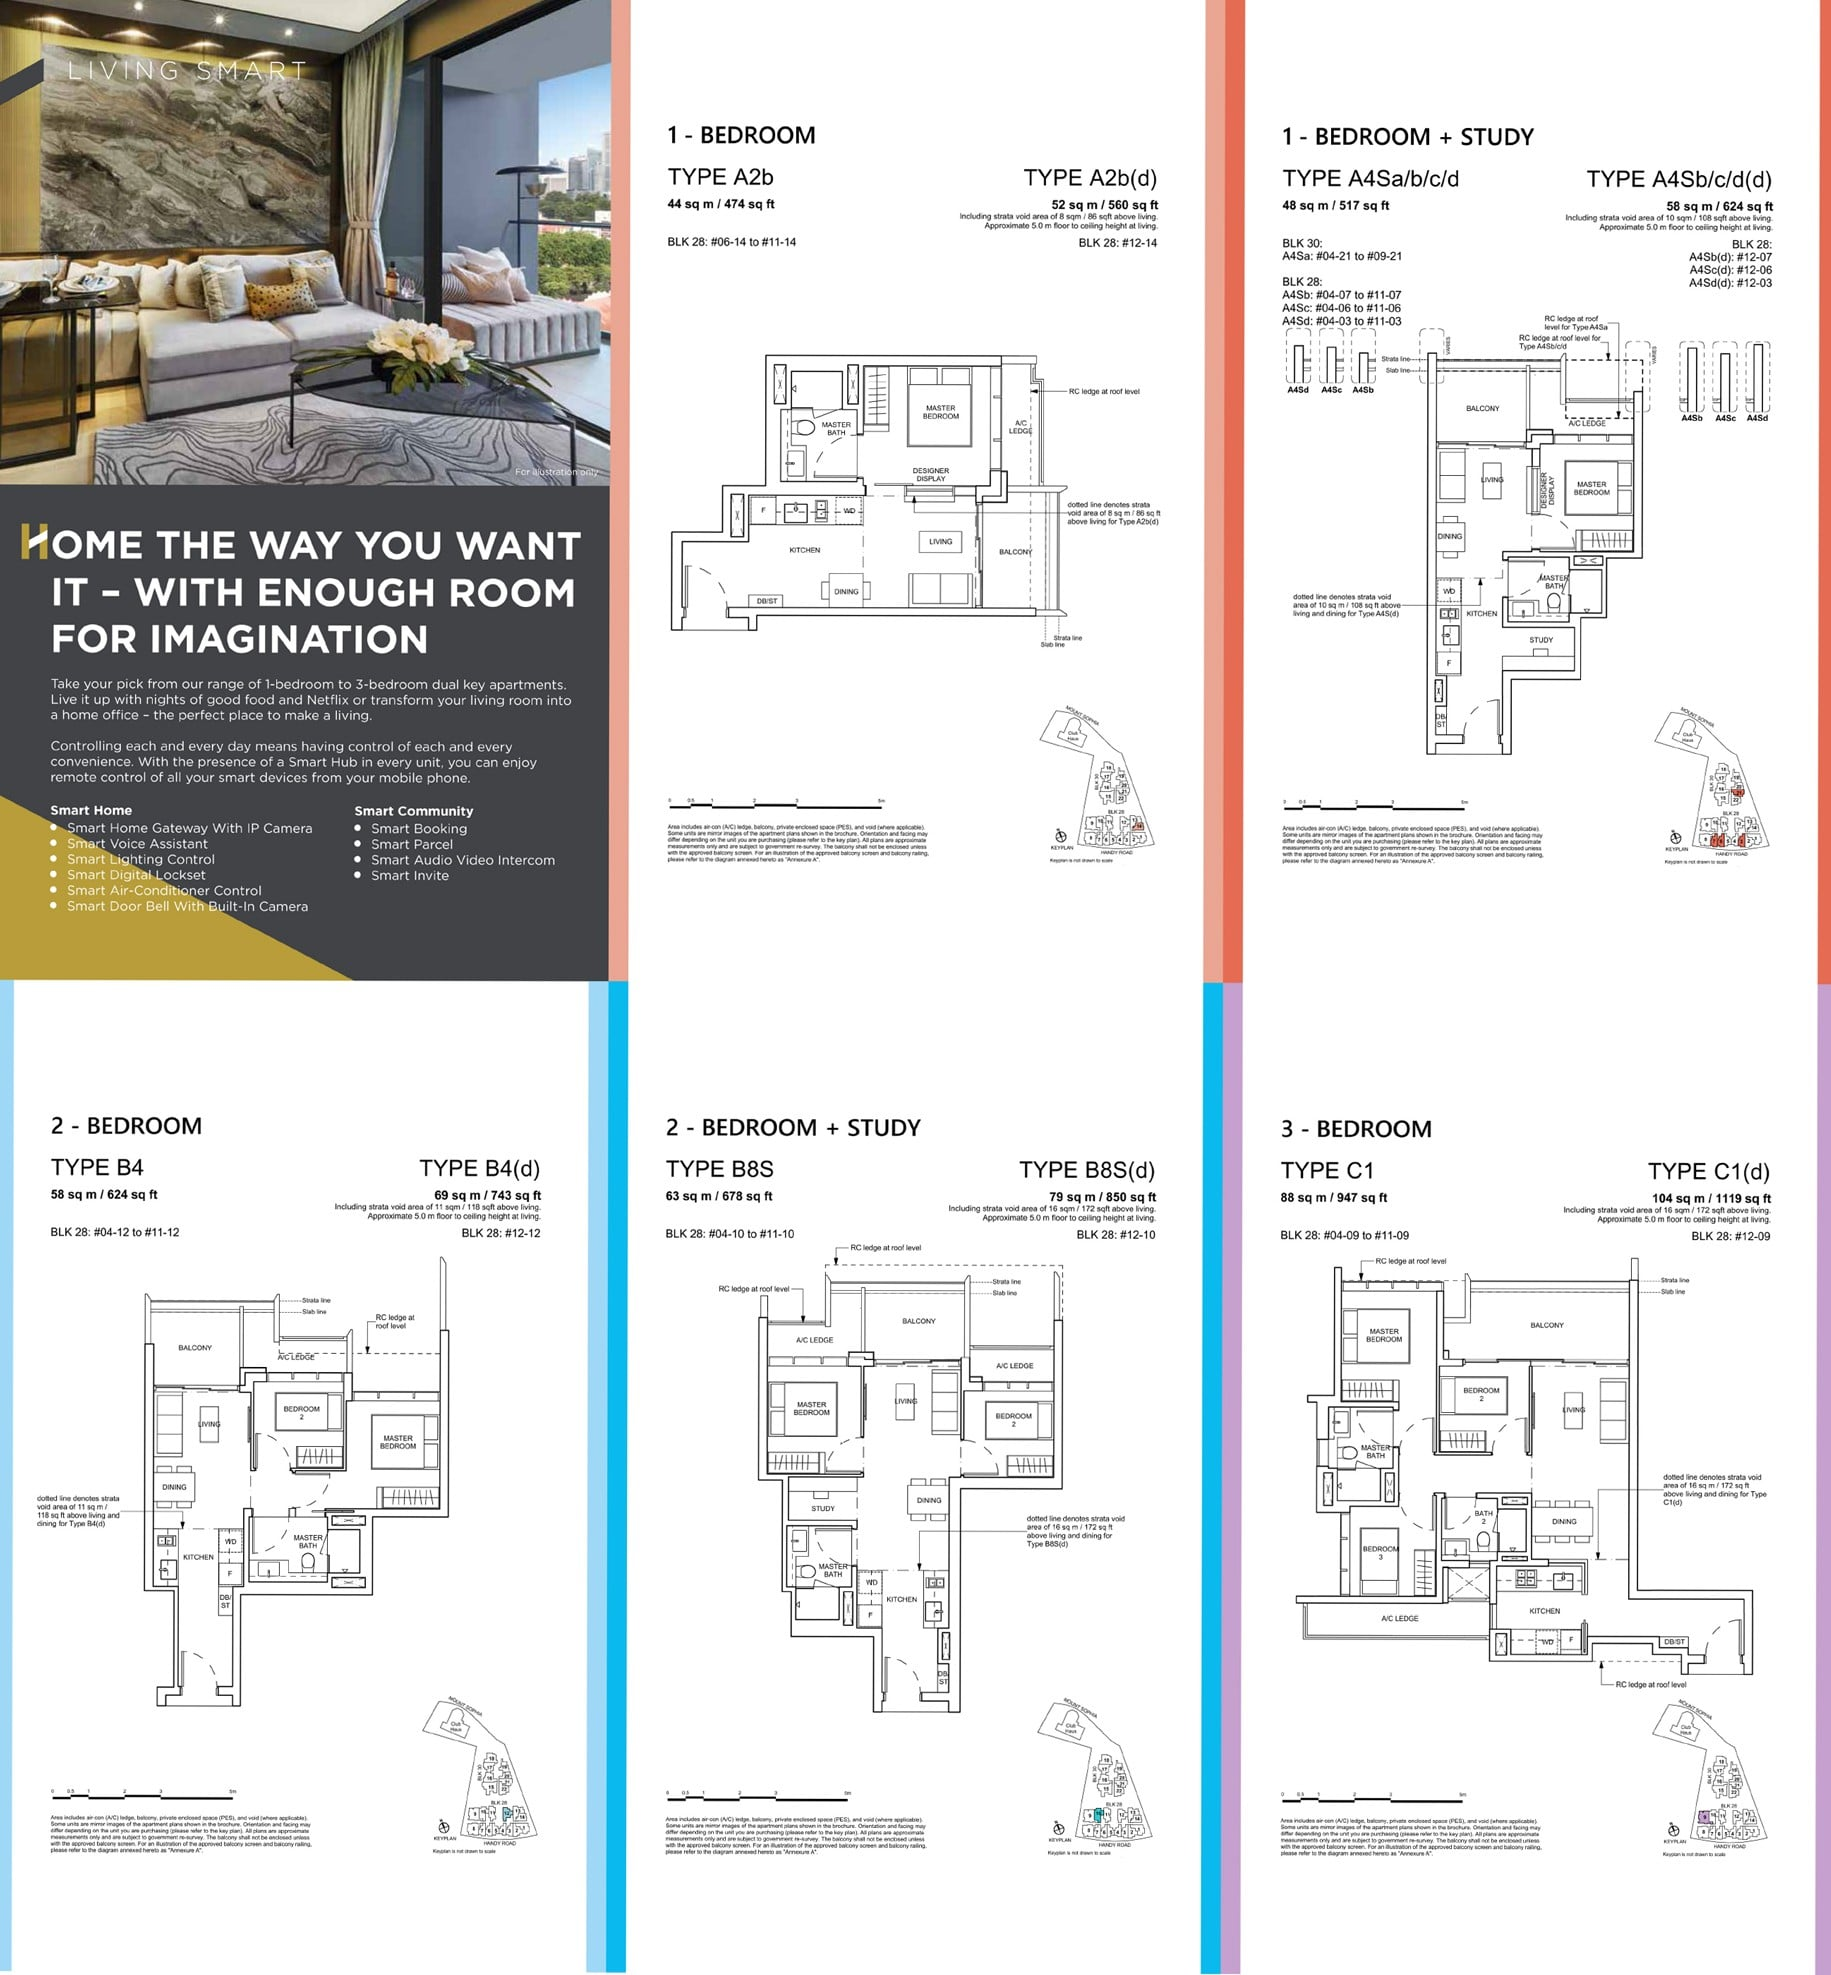 Haus_on-Handy-Floor-Plan